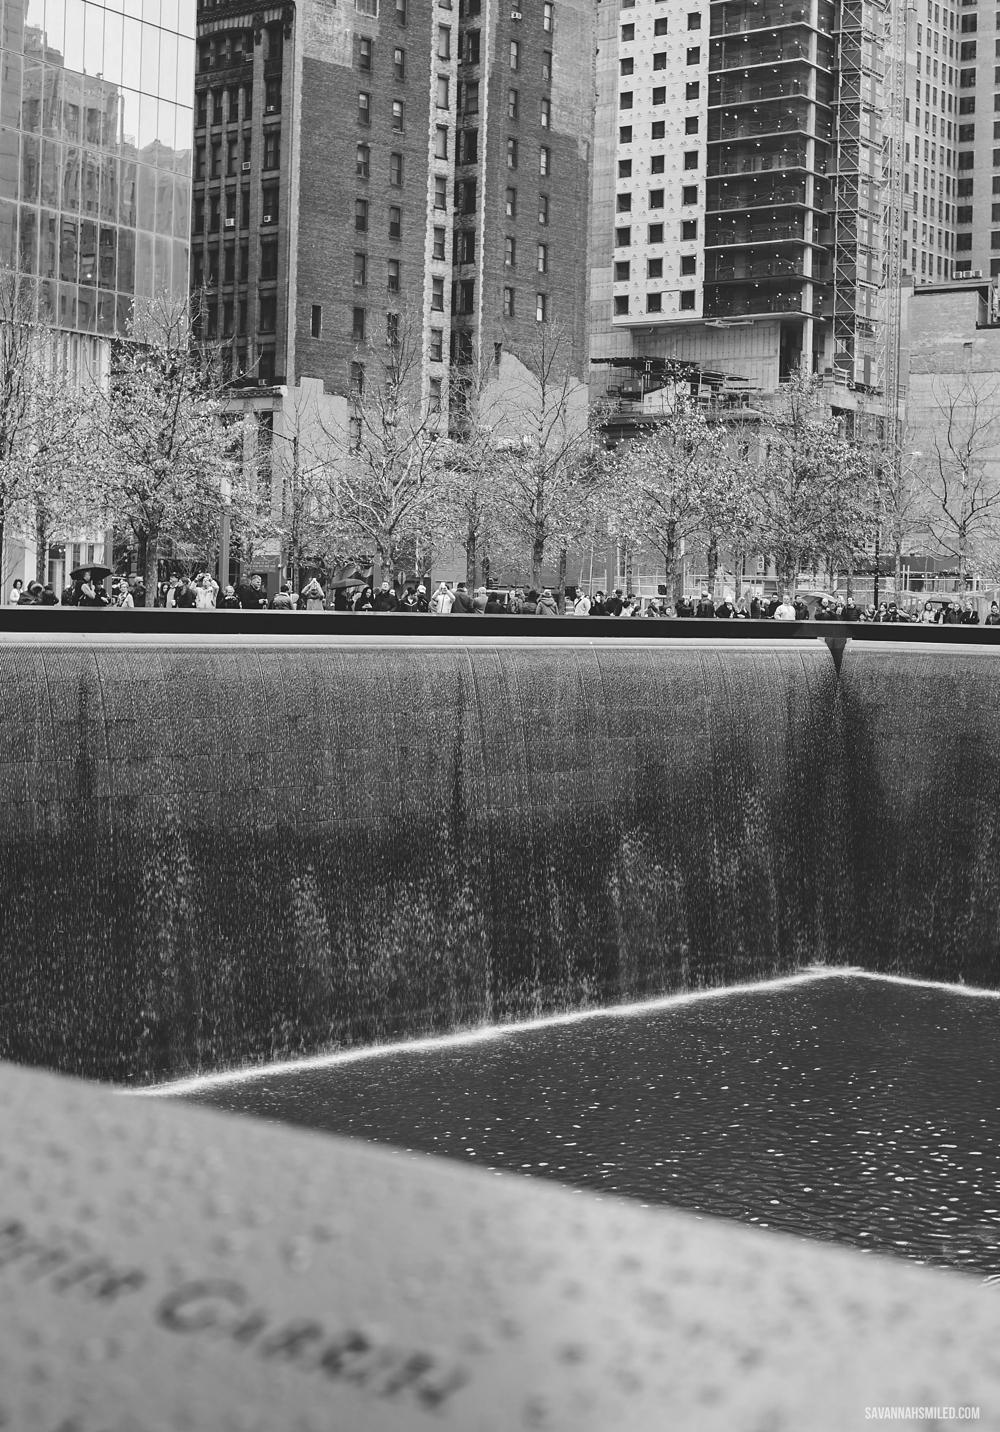 911-new-york-city-memorial-pools-5.jpg